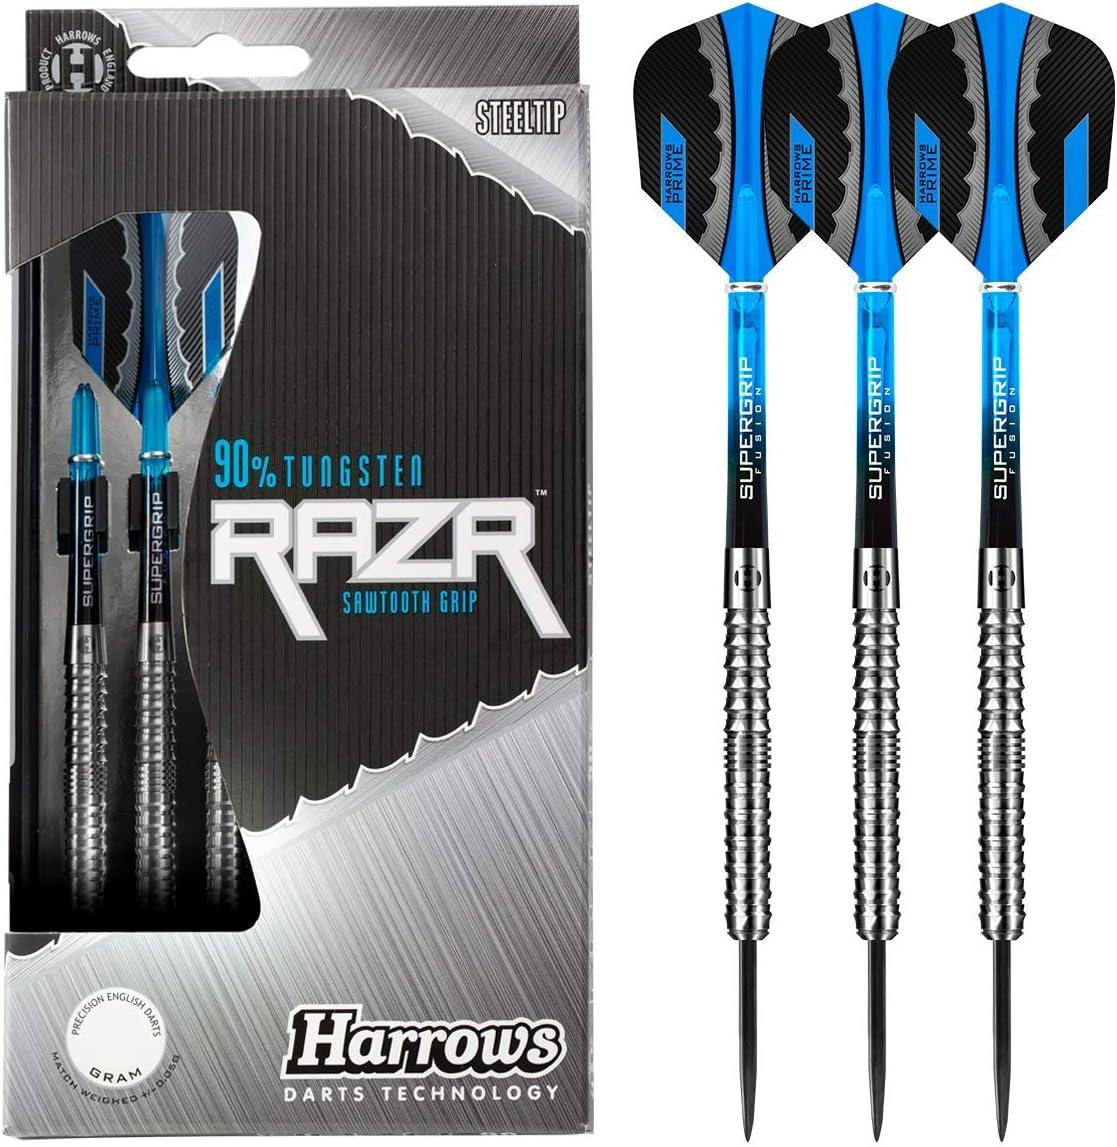 Harrows Regular store Lowest price challenge Razr Straight Sawtooth Grip Tungsten Steel Darts 90% Tip